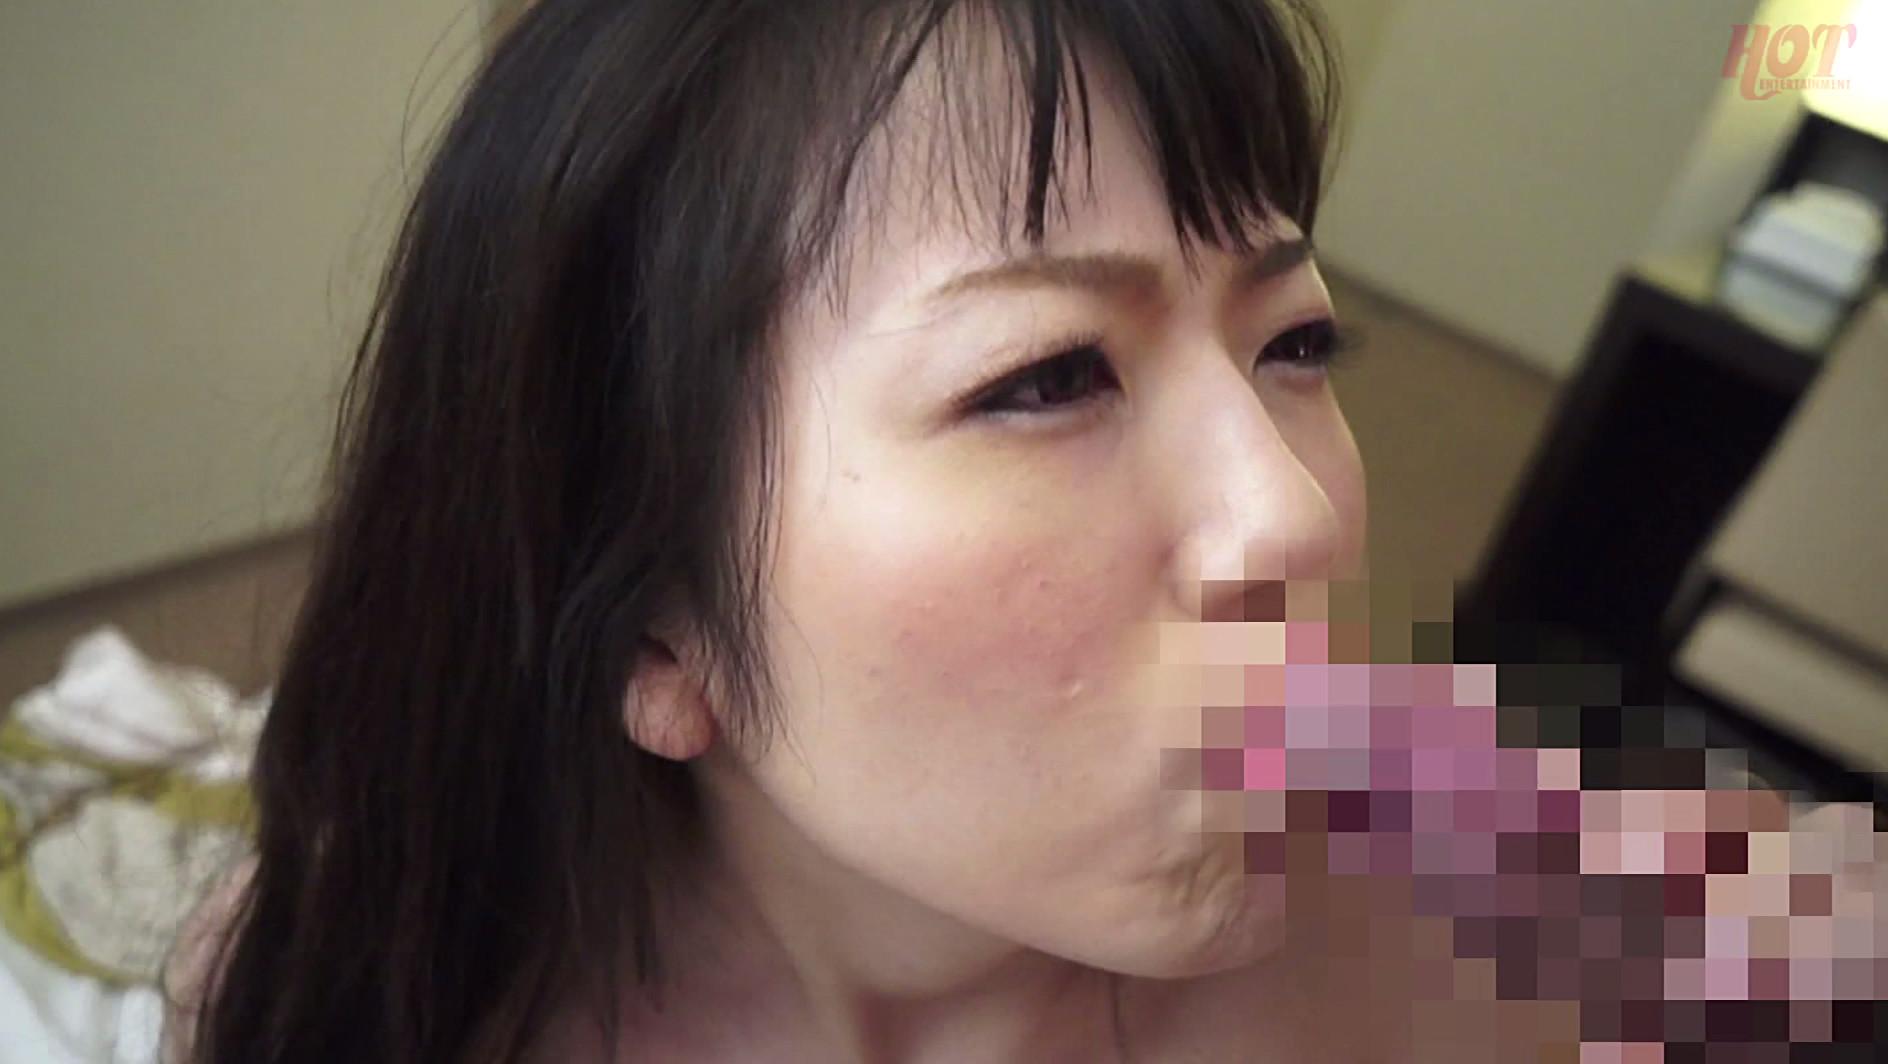 ナンパした人妻はどスケベ 嬉しさと期待でアソコは濡れていた16人4時間 画像21